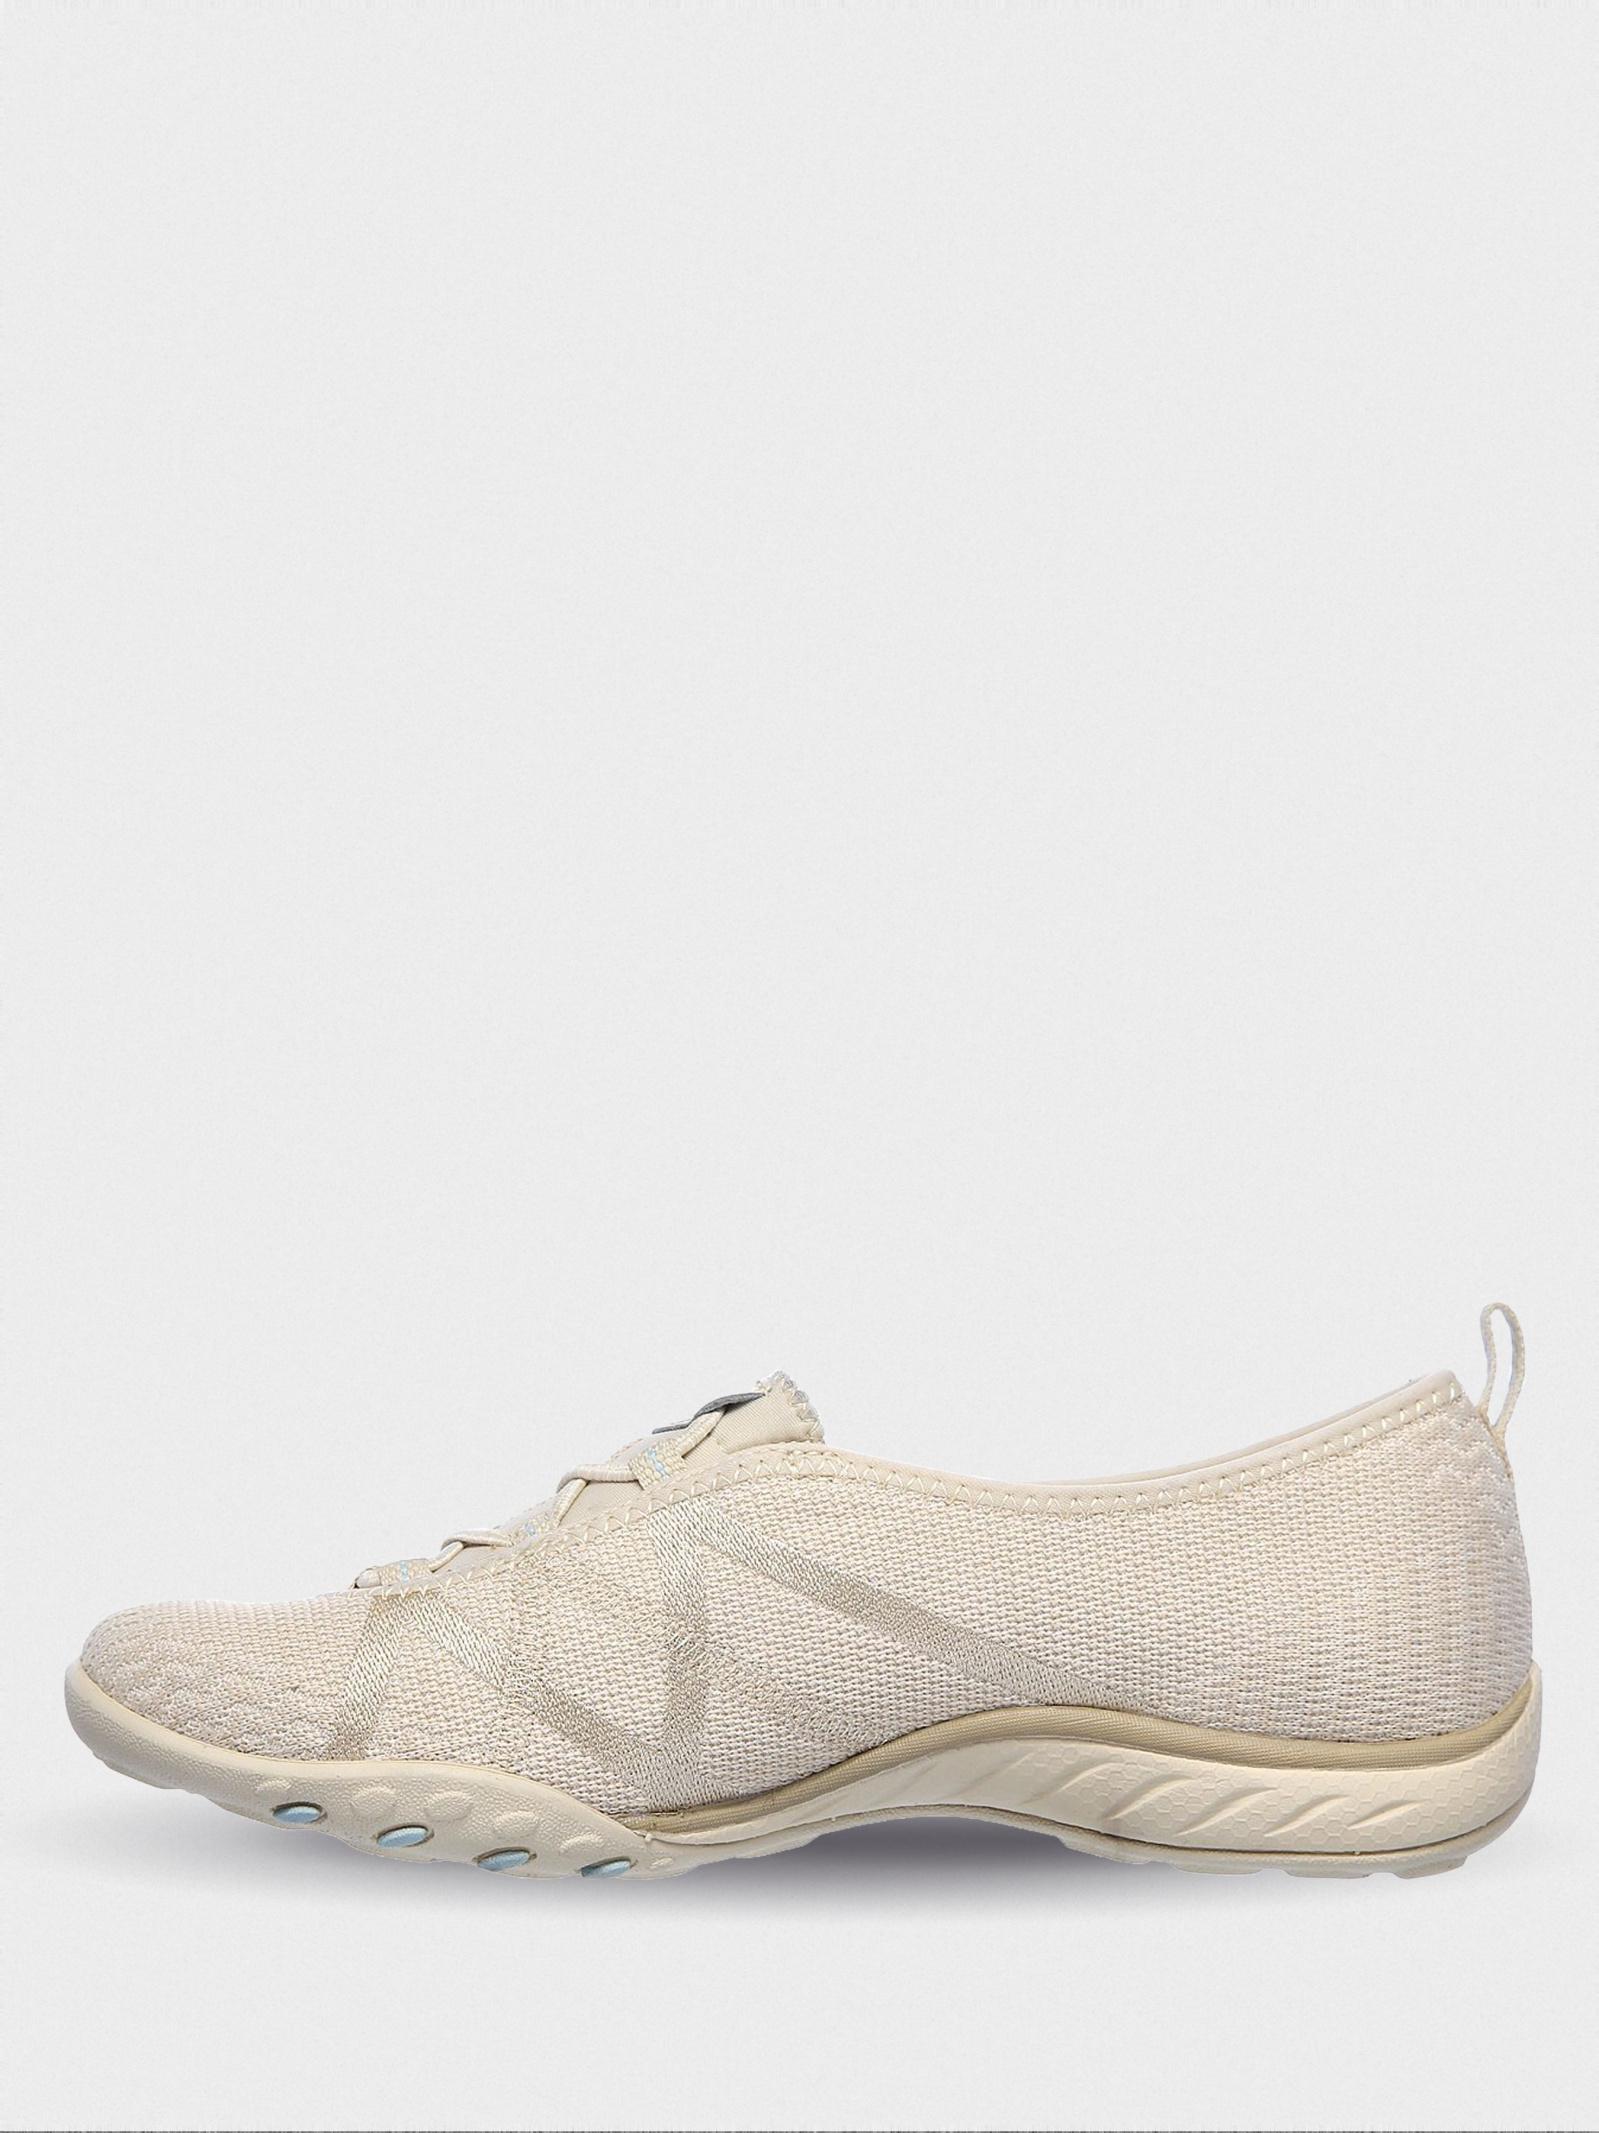 Кроссовки для женщин Skechers Active KW5738 Заказать, 2017